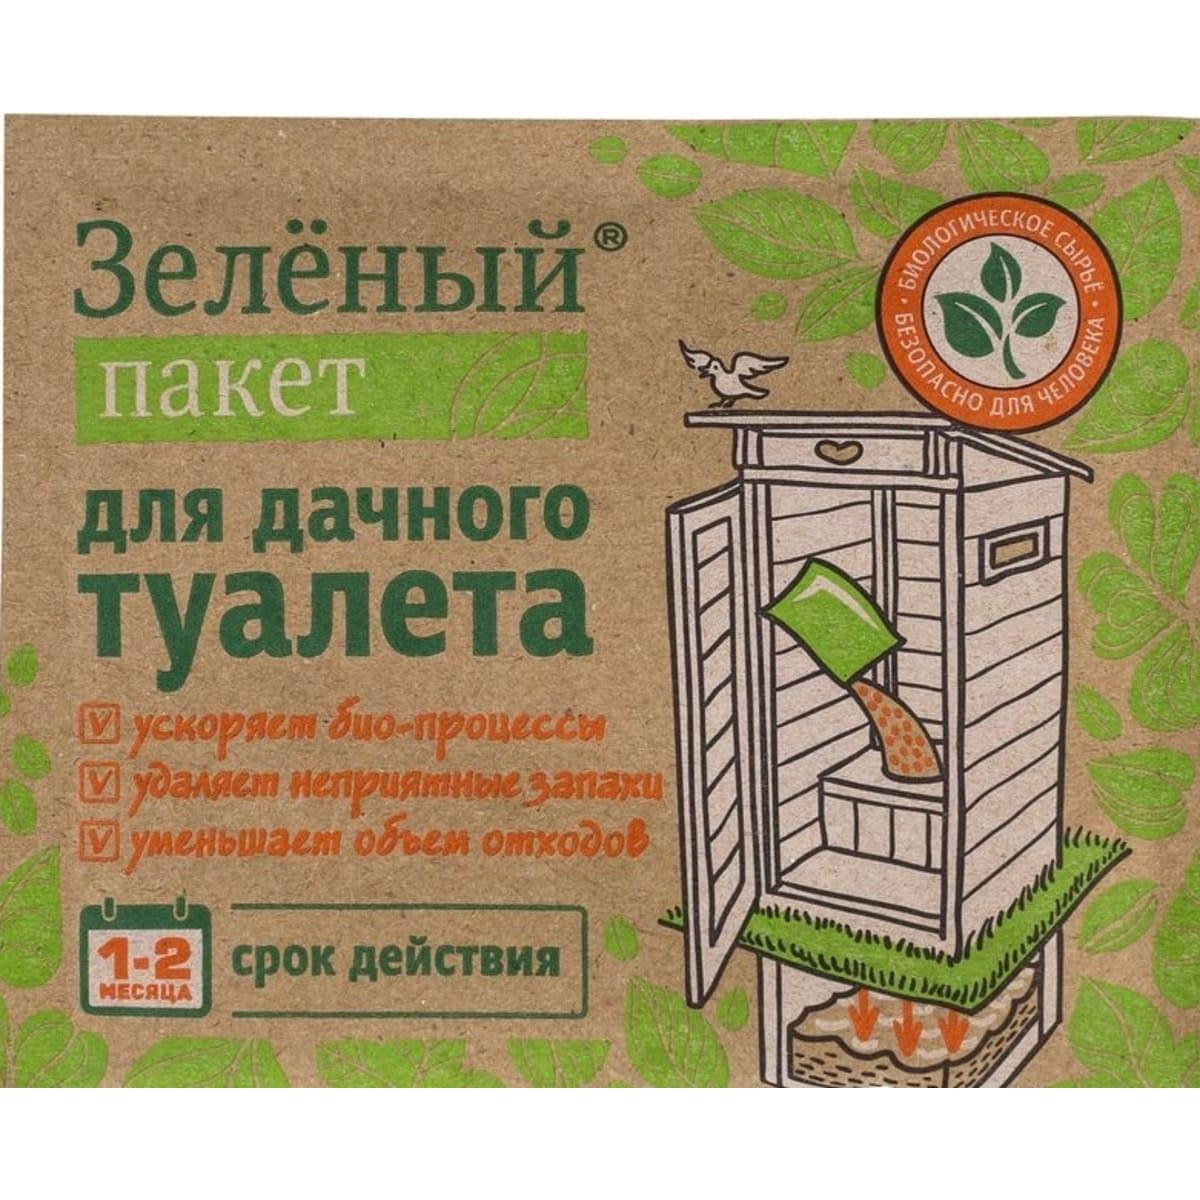 Зеленый пакет для дачного туалета